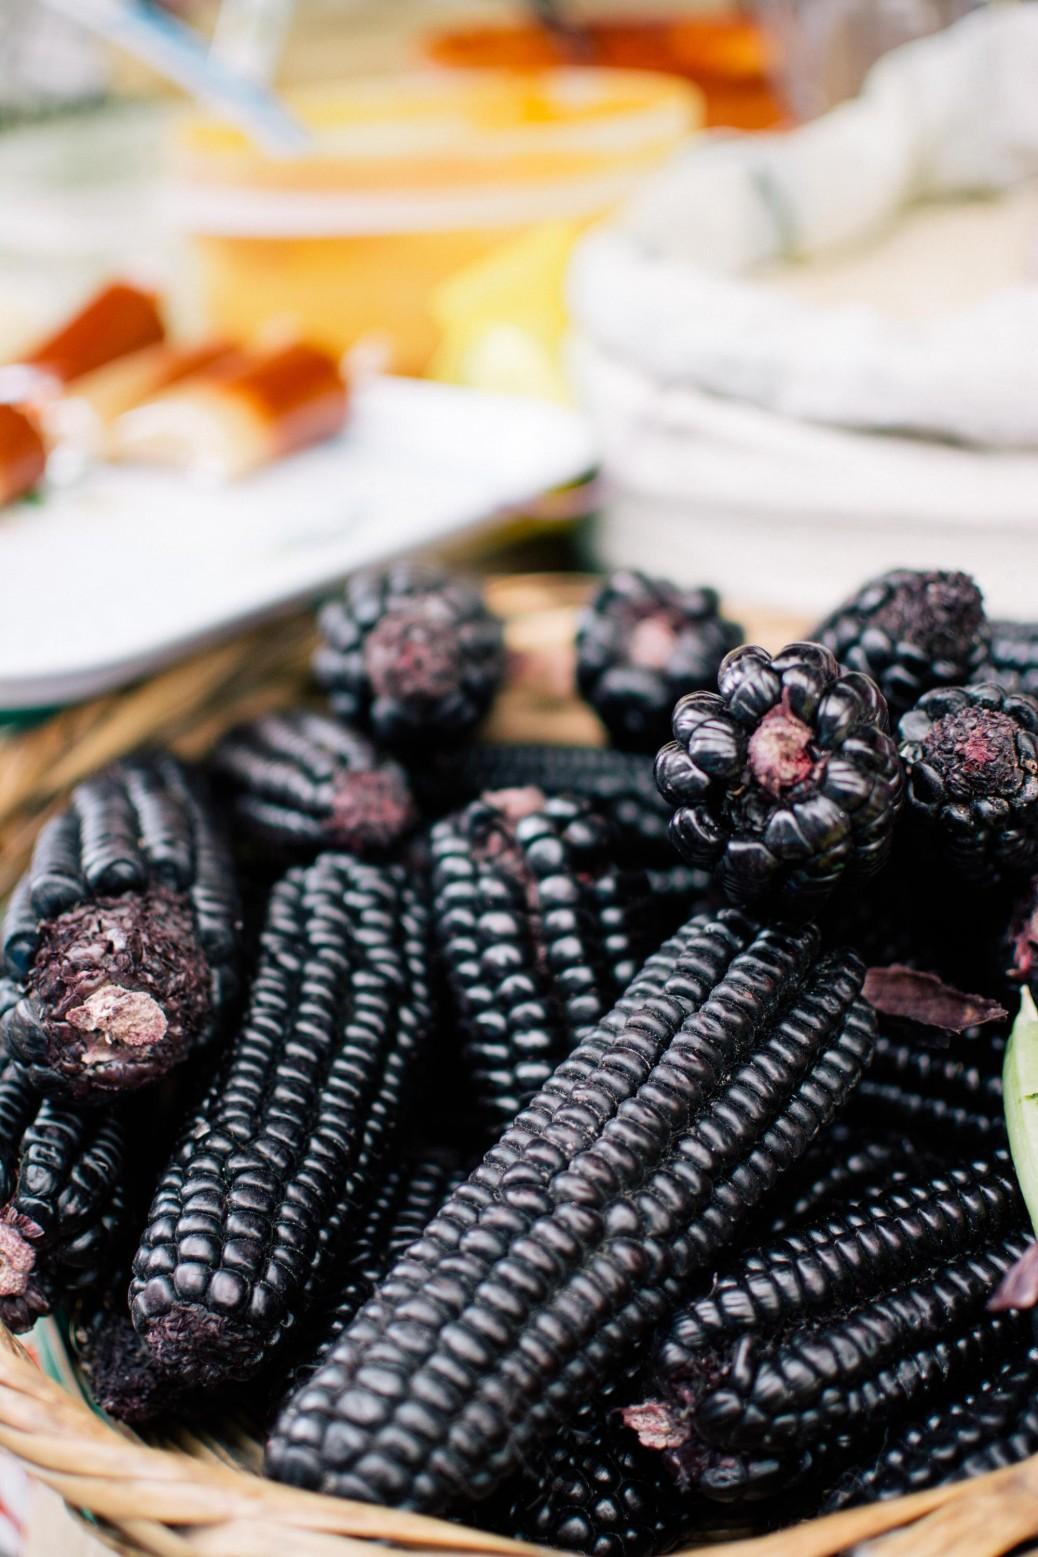 ペルーが原産の紫トウモロコシ インカ帝国の時代から愛されたその効能は計り知れない